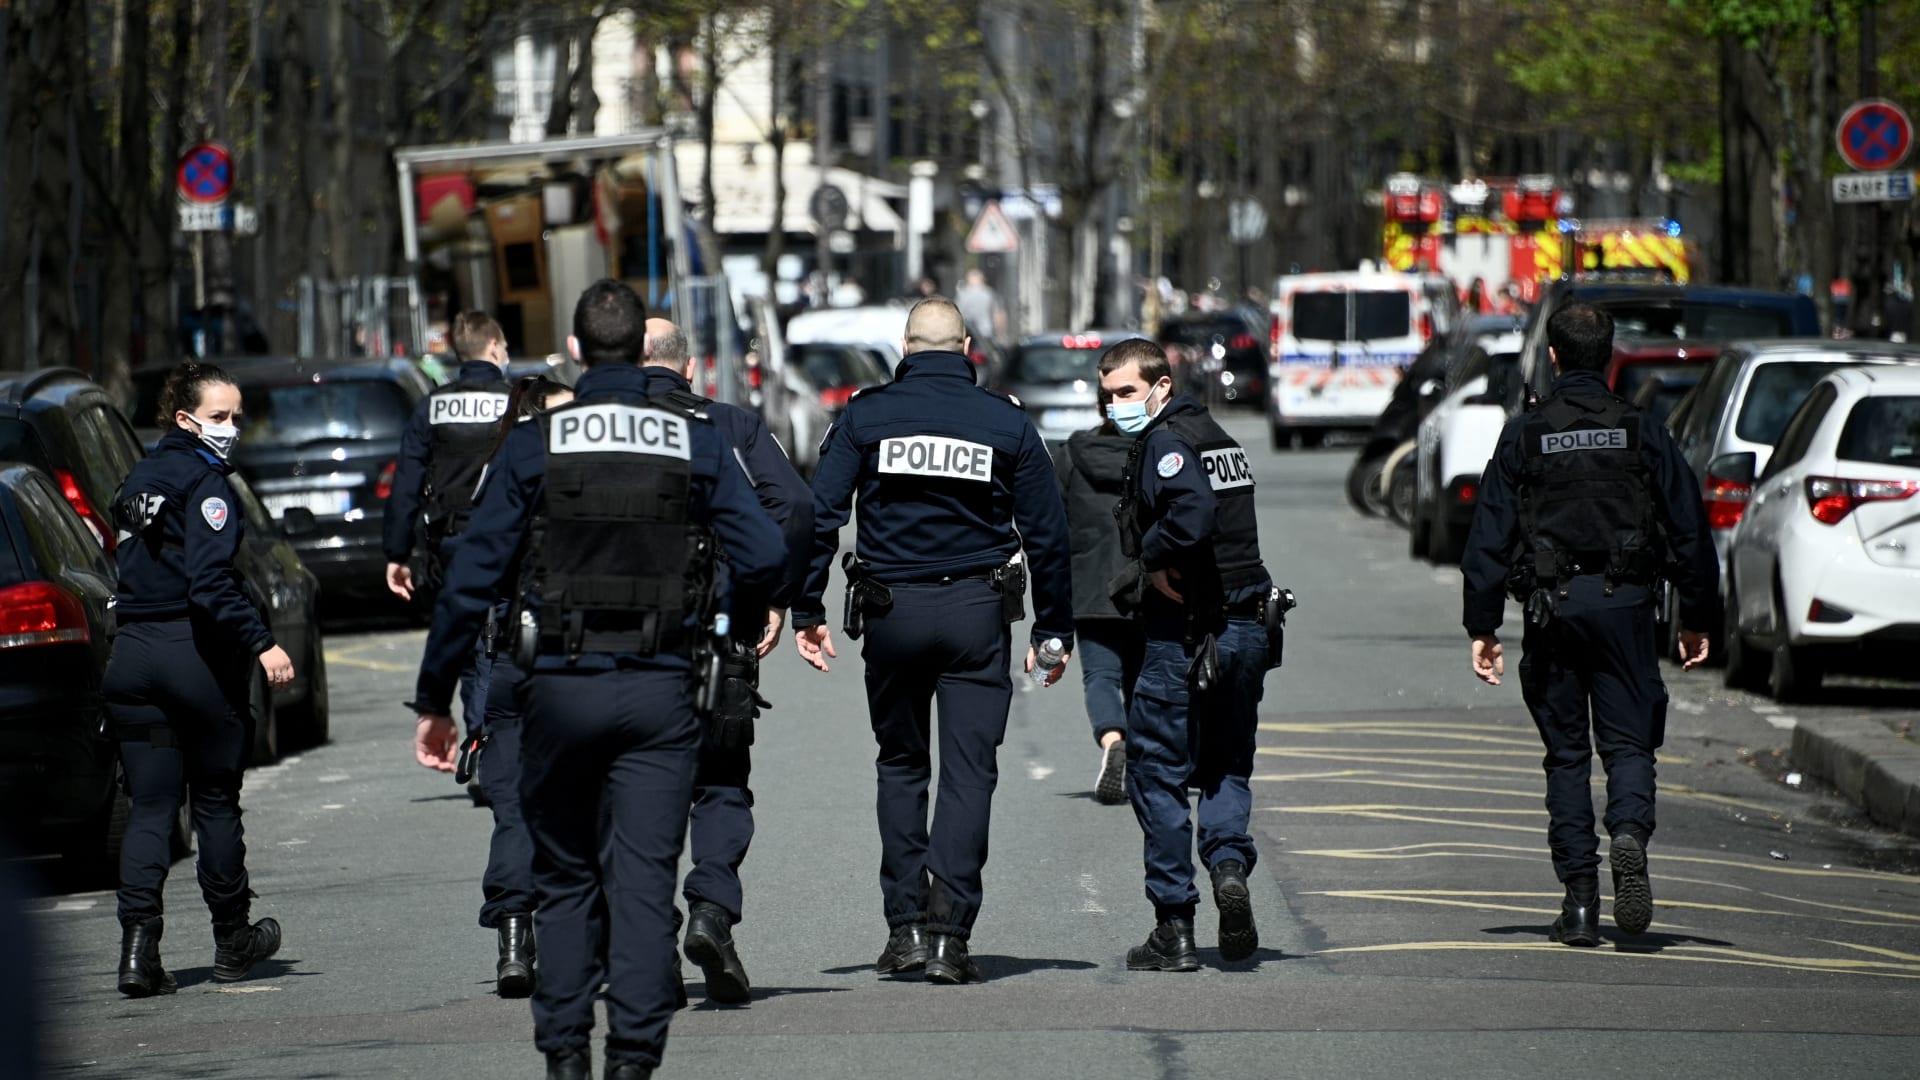 مصدر أمني لـCNN: قتيل ومصاب إثر إطلاق نار أمام مستشفى في باريس.. والشرطة تلاحق الجاني